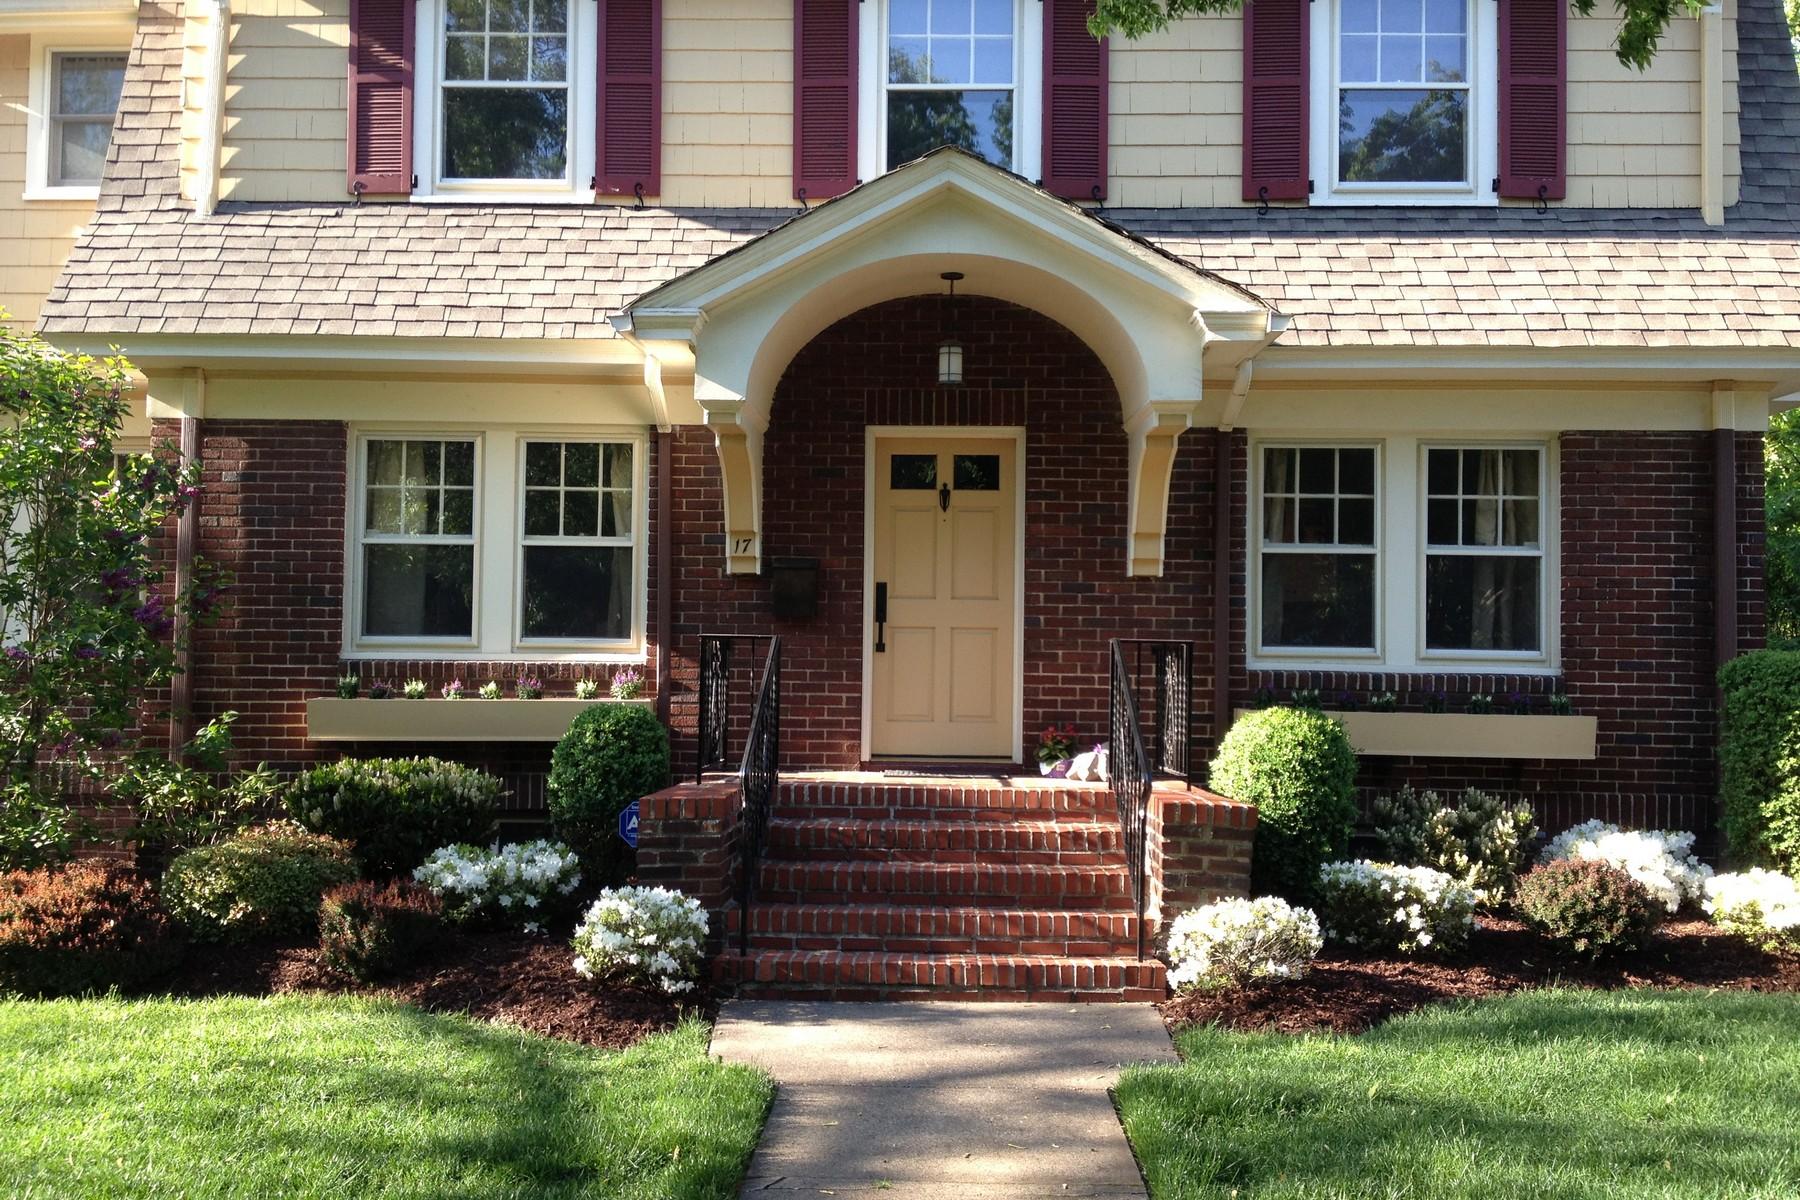 Maison unifamiliale pour l Vente à Commuter's Dream!! 17 Roswell Terrace, Montclair, New Jersey, 07042 États-Unis